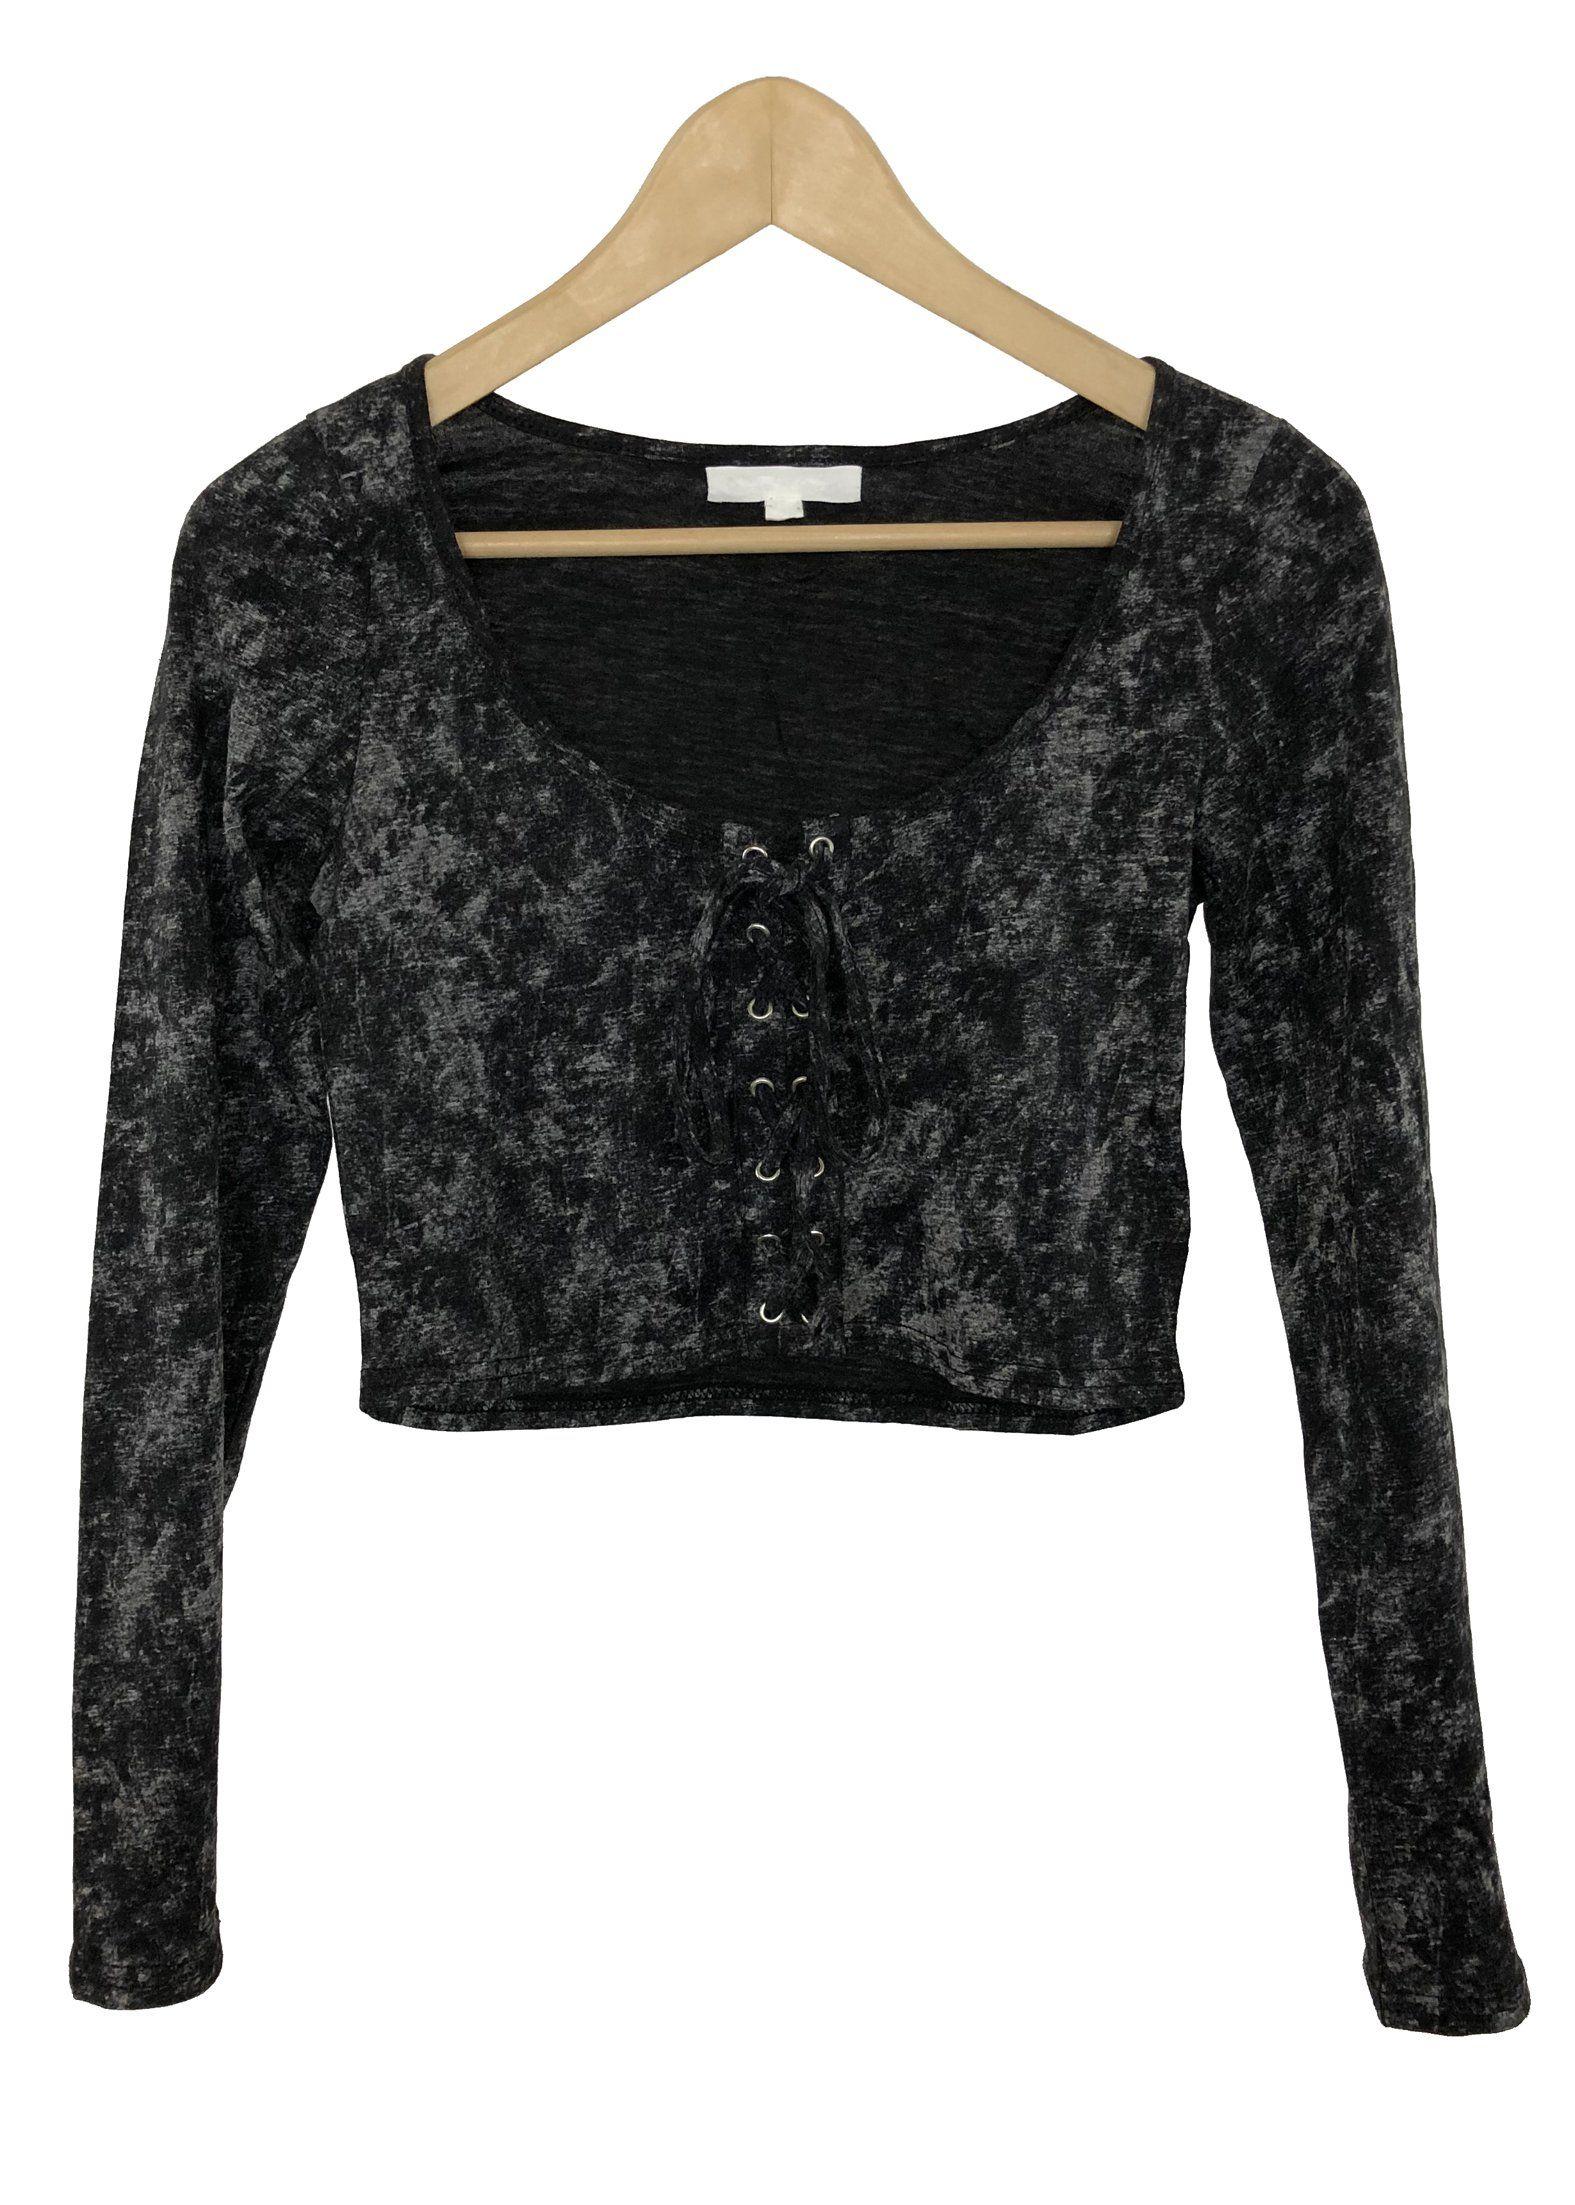 c693ba505d3b9 ... Euphoria fashion shop. - Front lace-up crop top - acid wash color -  long sleeves - 60